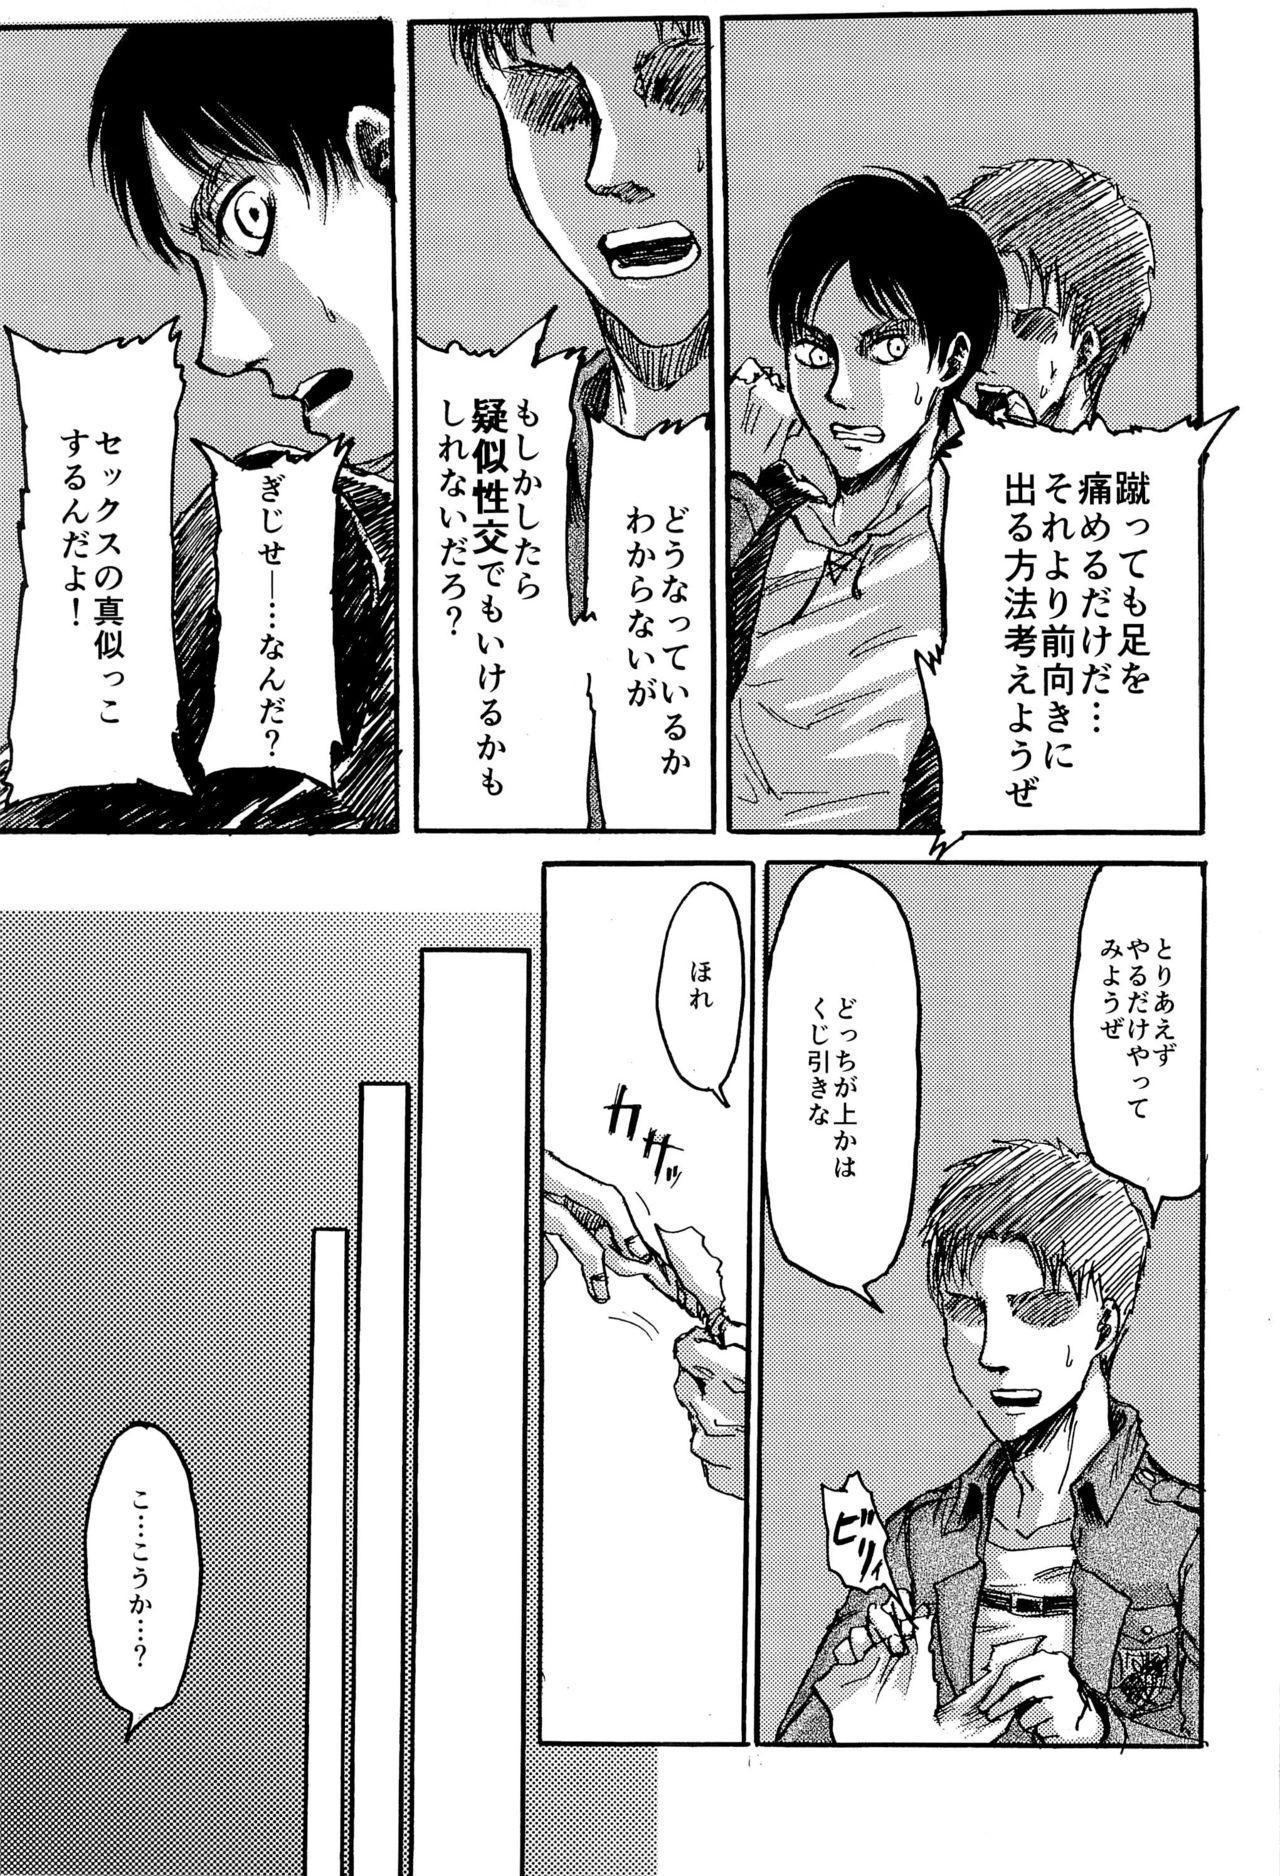 MobEre no xx Shinai to Derarenai Heya 10